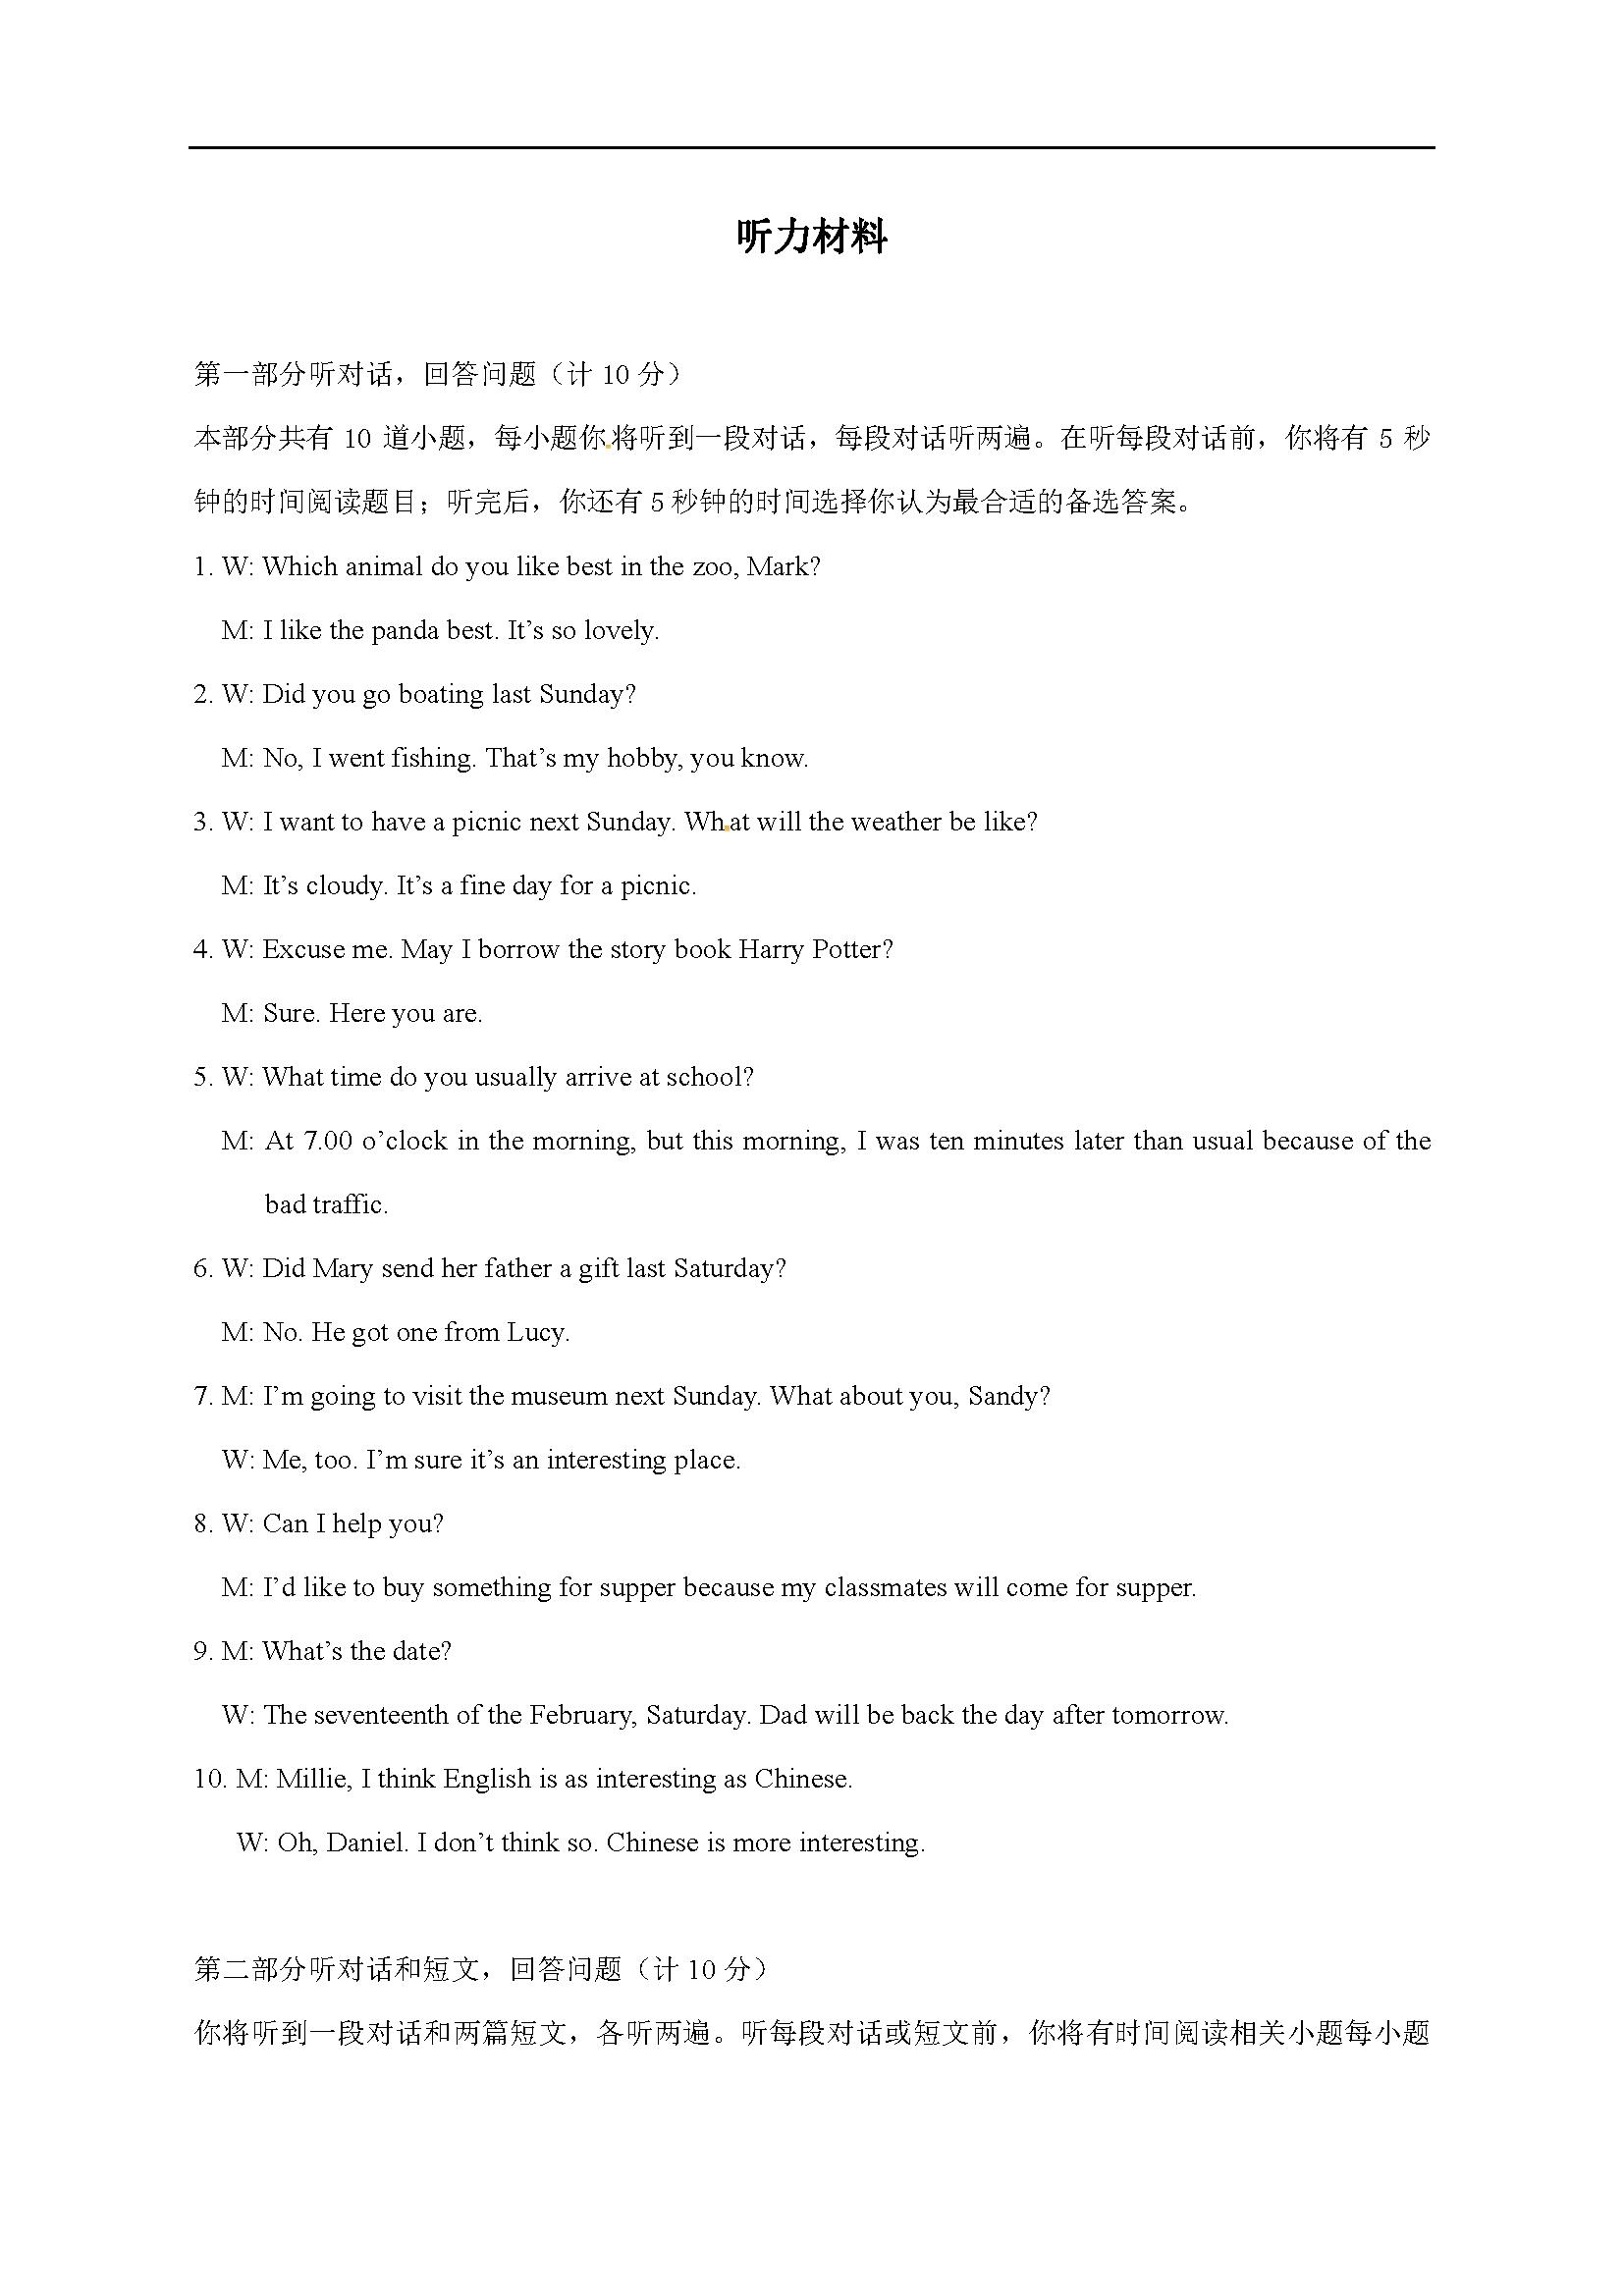 江苏江阴暨阳中学2016-2017八年级3月月考英语试题答案(Word版)